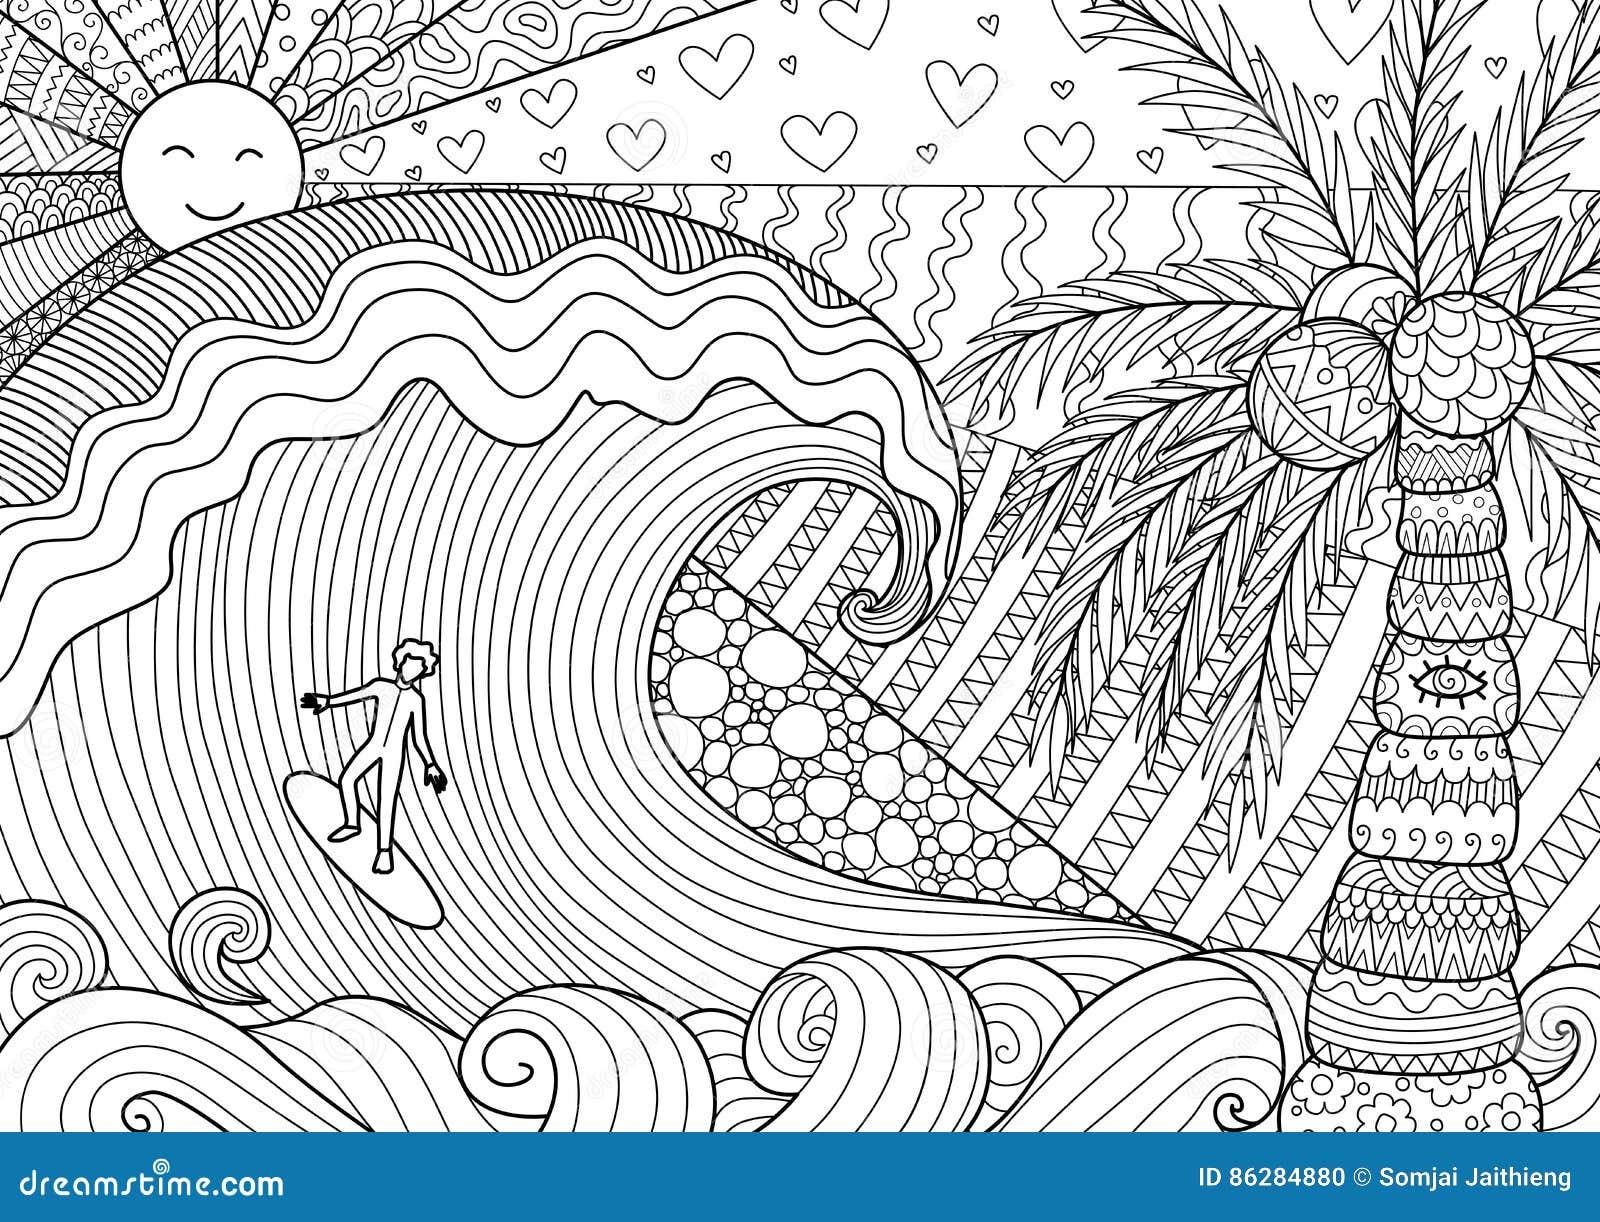 Coloriage Adulte Homme.Homme Surfant Dans Le Bel Ocean Illustration De Vecteur